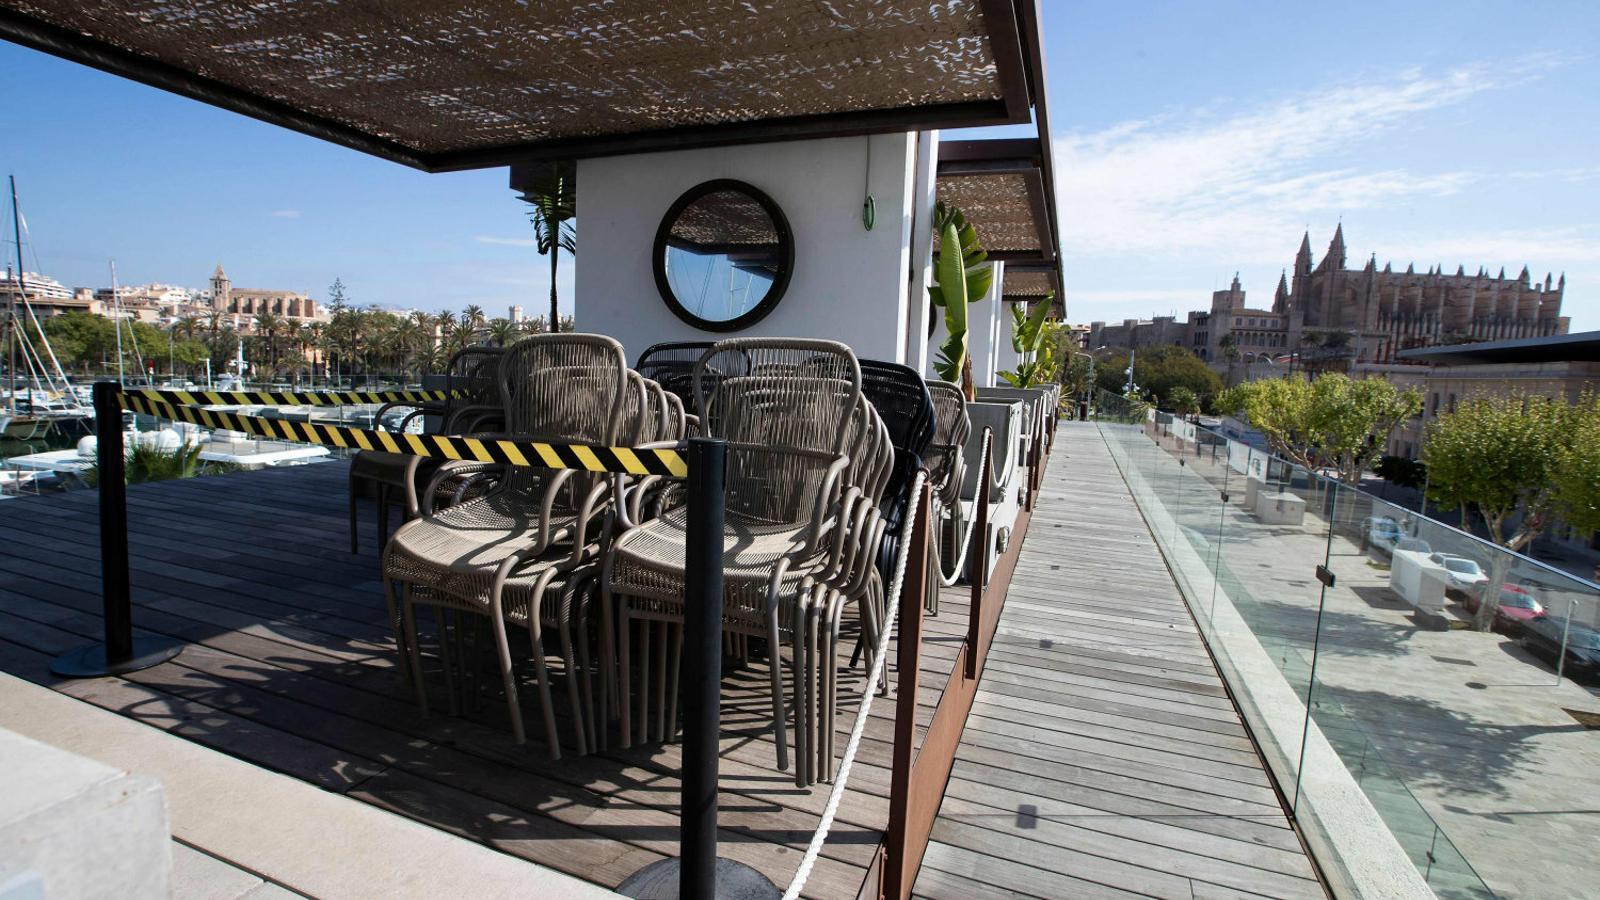 Un restaurant de Palma tancat, divendres. L'economia de les illes Balears depèn en un 35% de l'impacte del turisme.